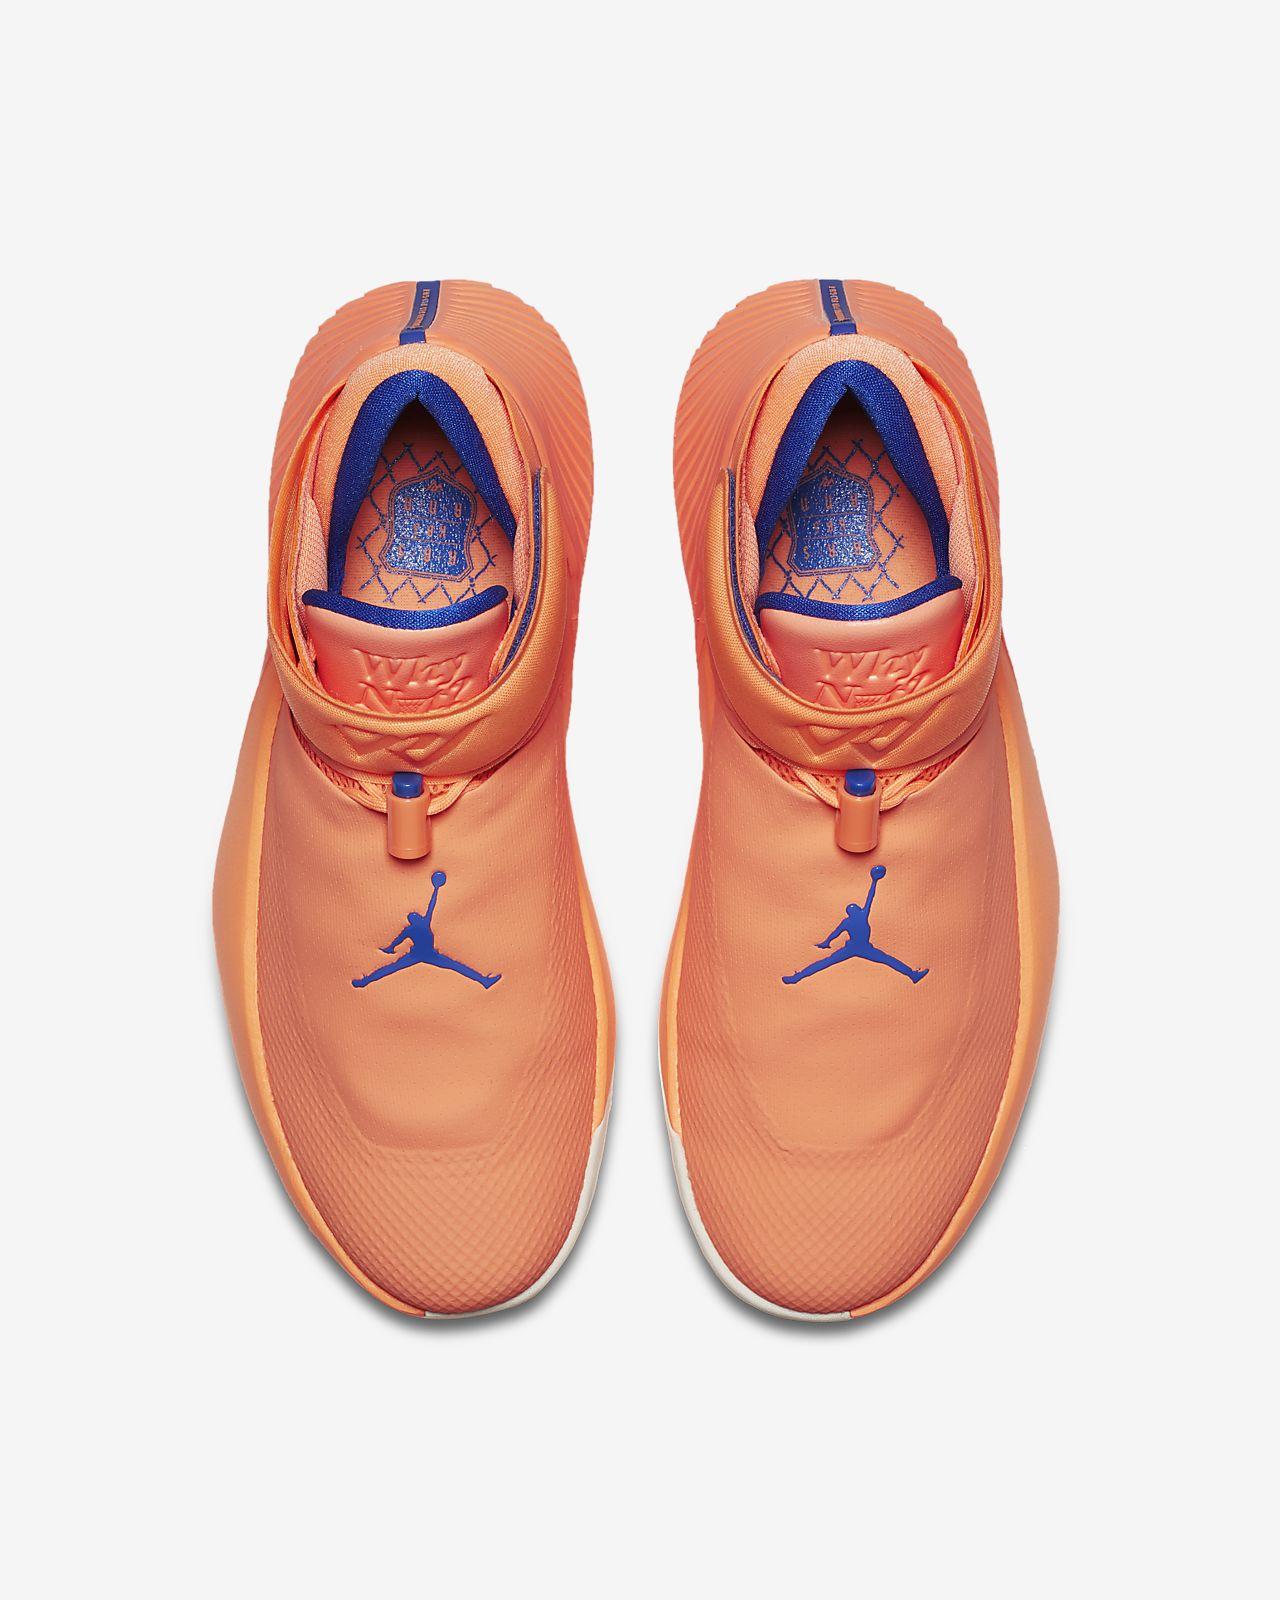 1c730db3a0a09a ZER0.1 Men s Basketball Shoe Jordan  Why Not   ZER0.1 Men s Basketball Shoe